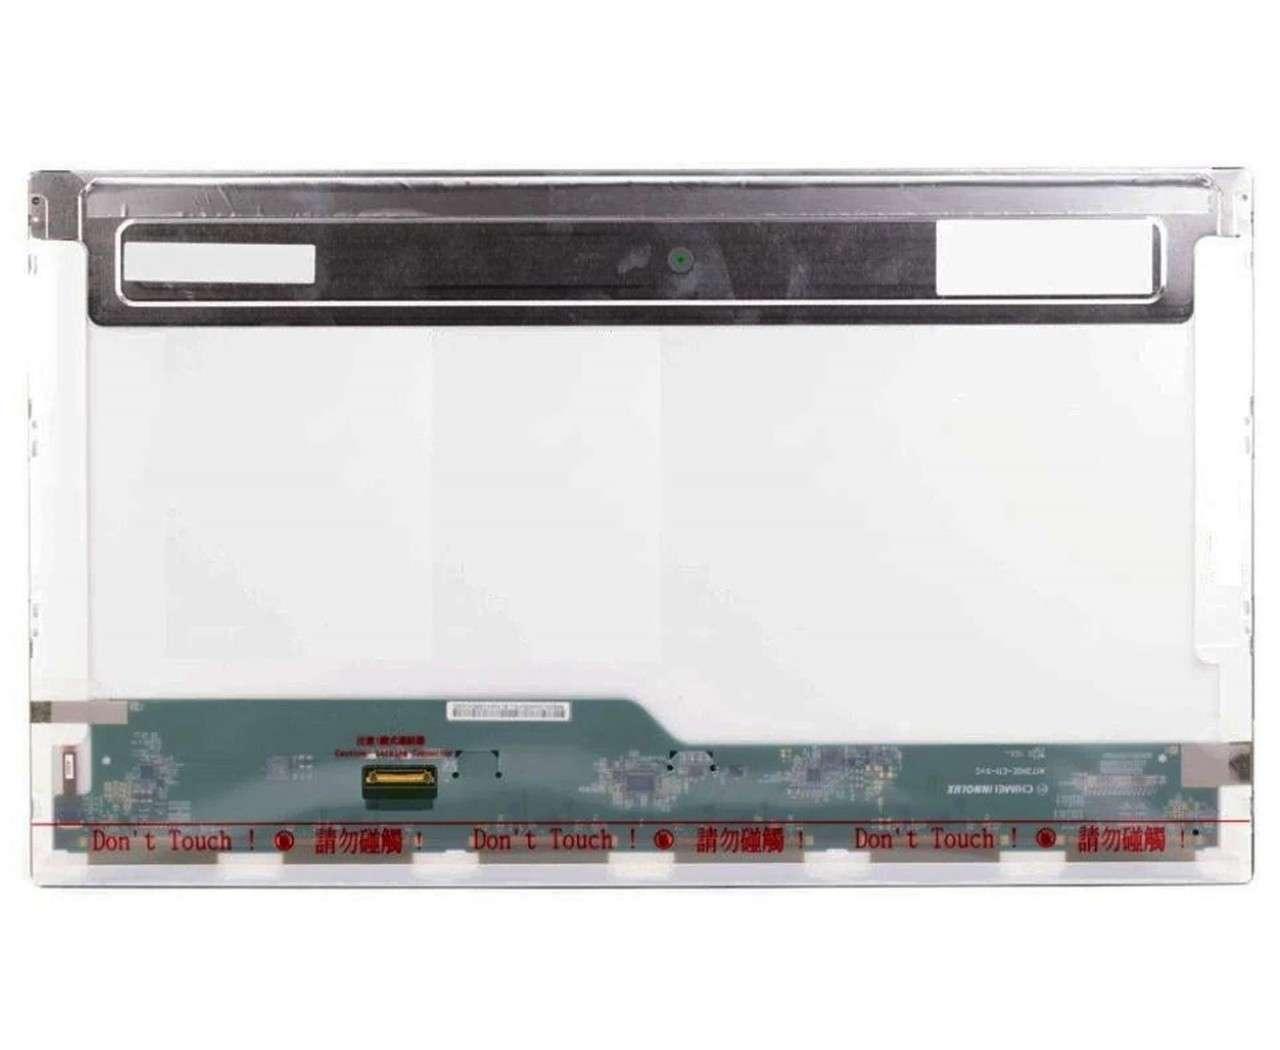 Display laptop Asus X751LJC Ecran 17.3 1600X900 30 pini eDP imagine powerlaptop.ro 2021